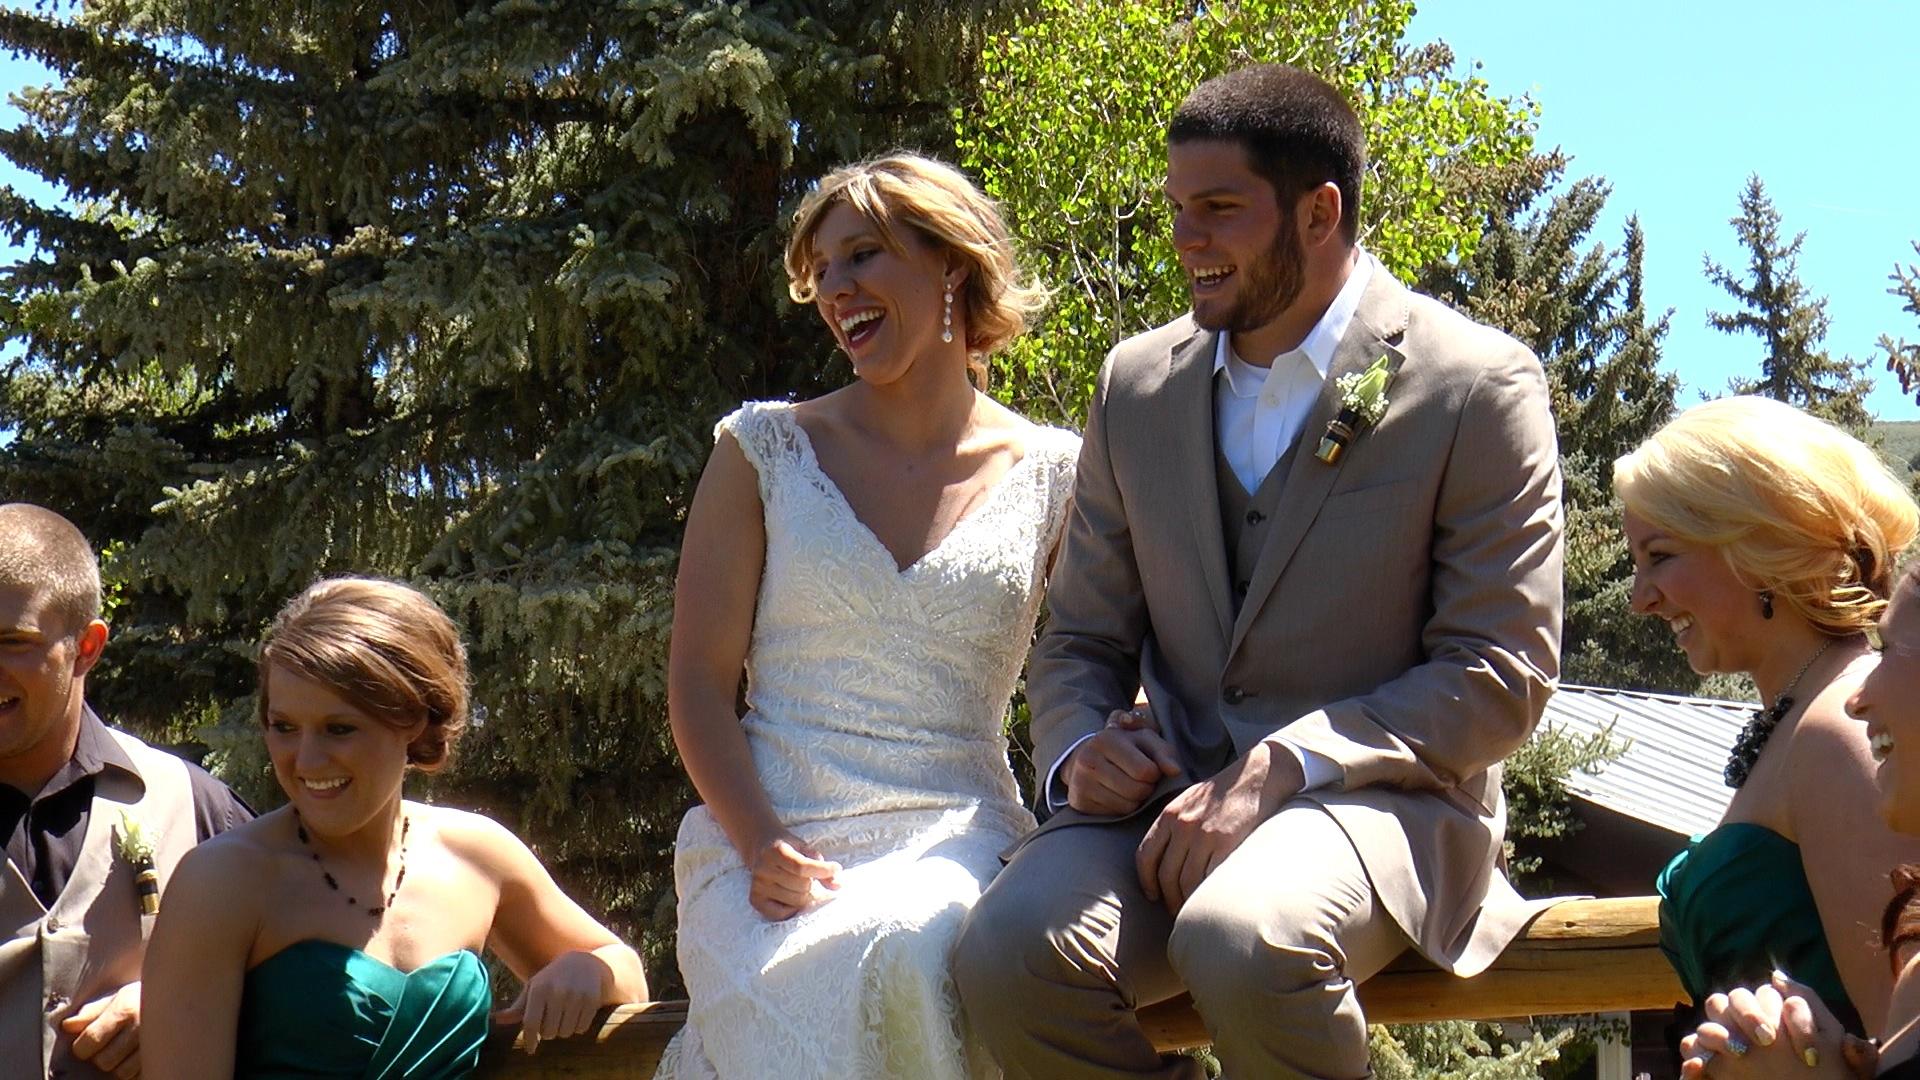 Screenshot from wedding video